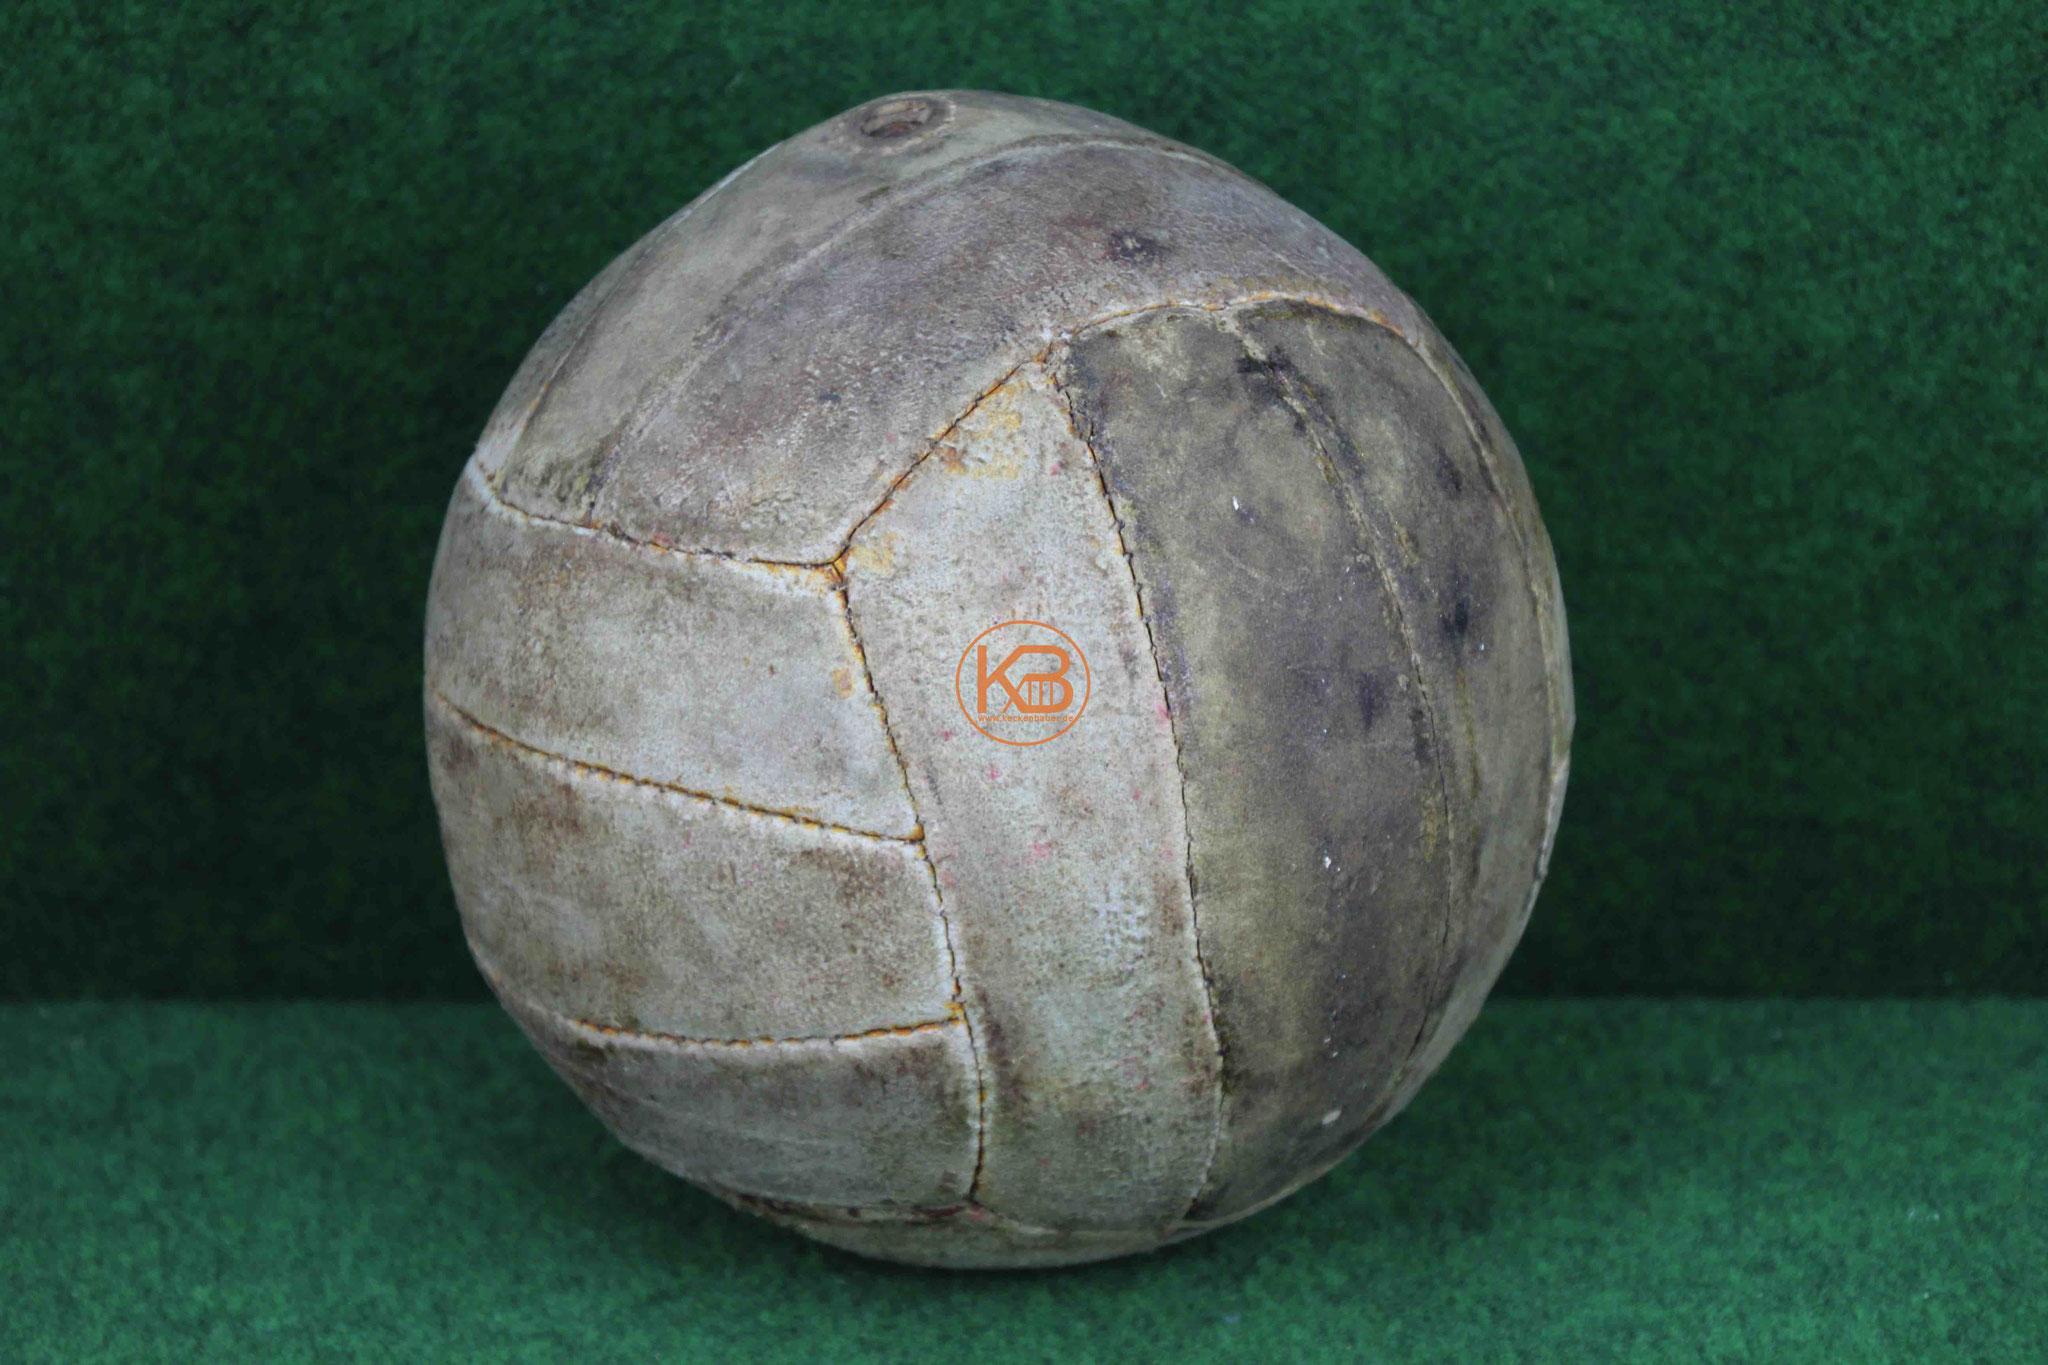 Alter Lederball aus den 1950ern